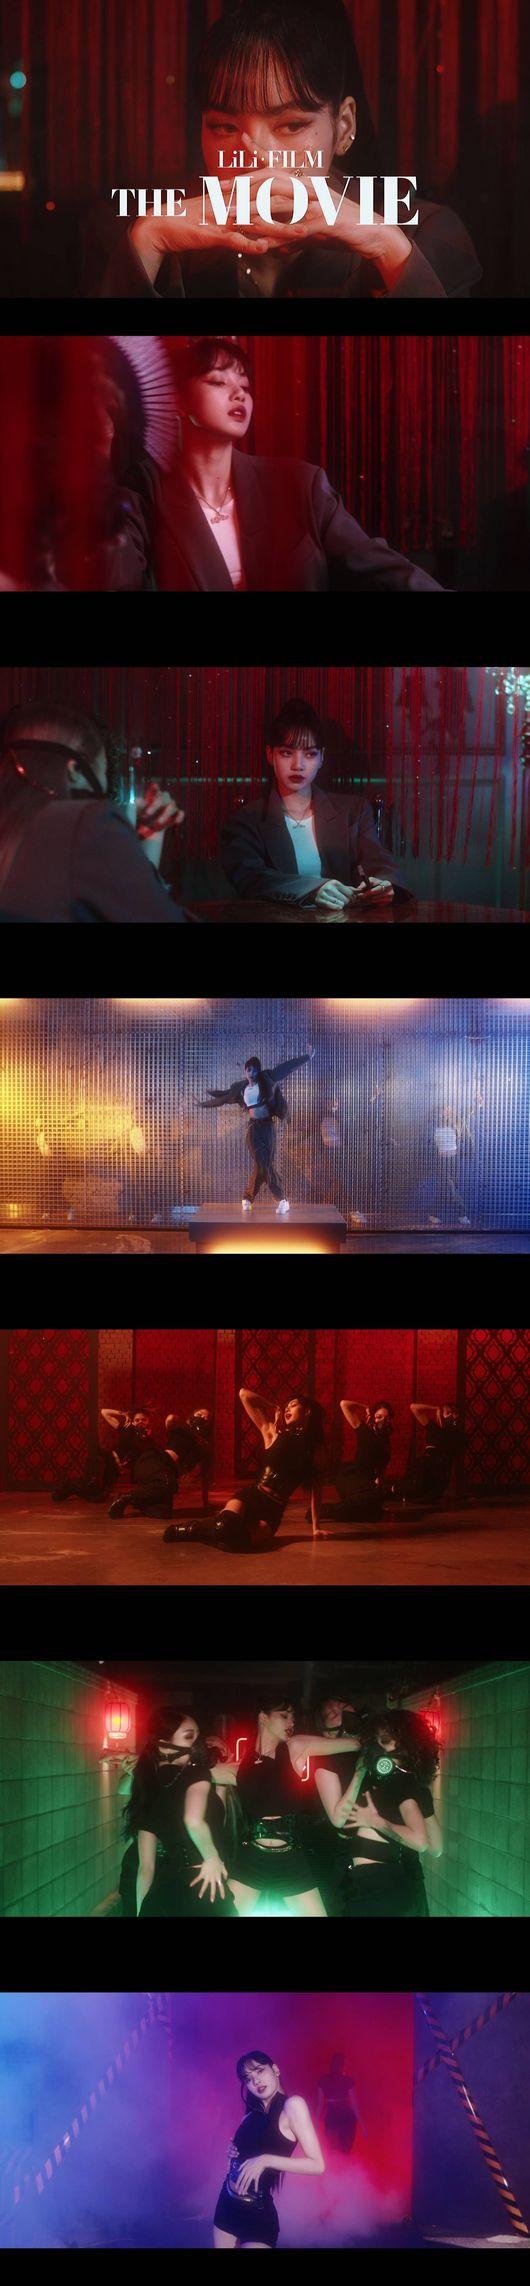 리사 7천만뷰, 댄스 영상 인기 '후끈'(사진=유튜브 캡쳐)